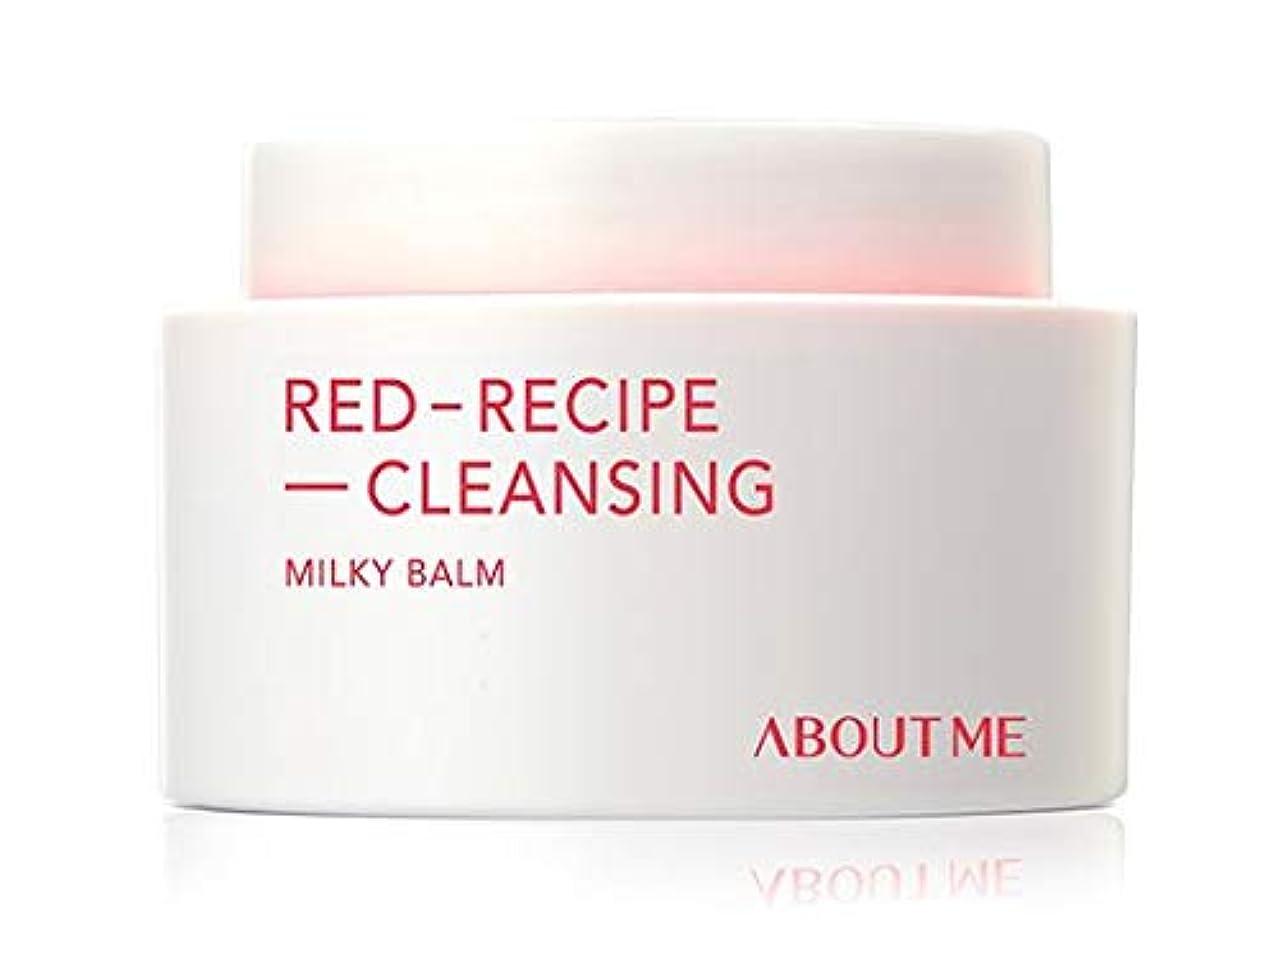 貧しい意図遺跡[ABOUT ME] RED RECIPE CLEANSING MILKY BALM 90ml / [アバウトミー] レッド レシピ クレンジング ミルキー バーム 90ml [並行輸入品]